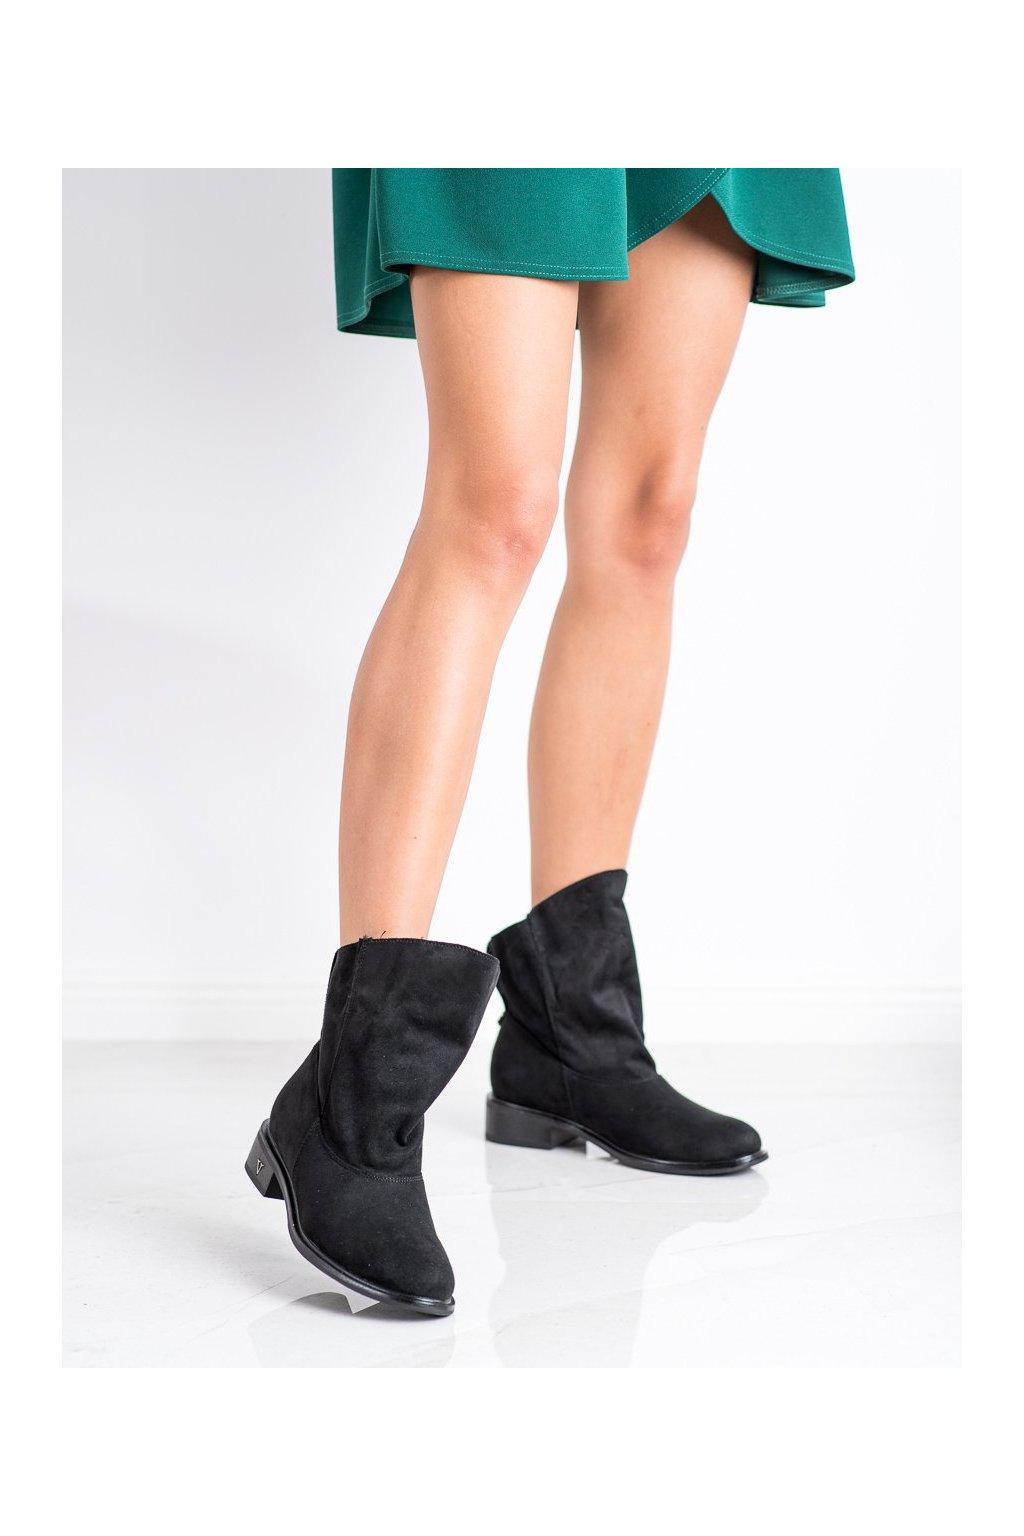 Čierne dámske topánky Gogo kod 6672B